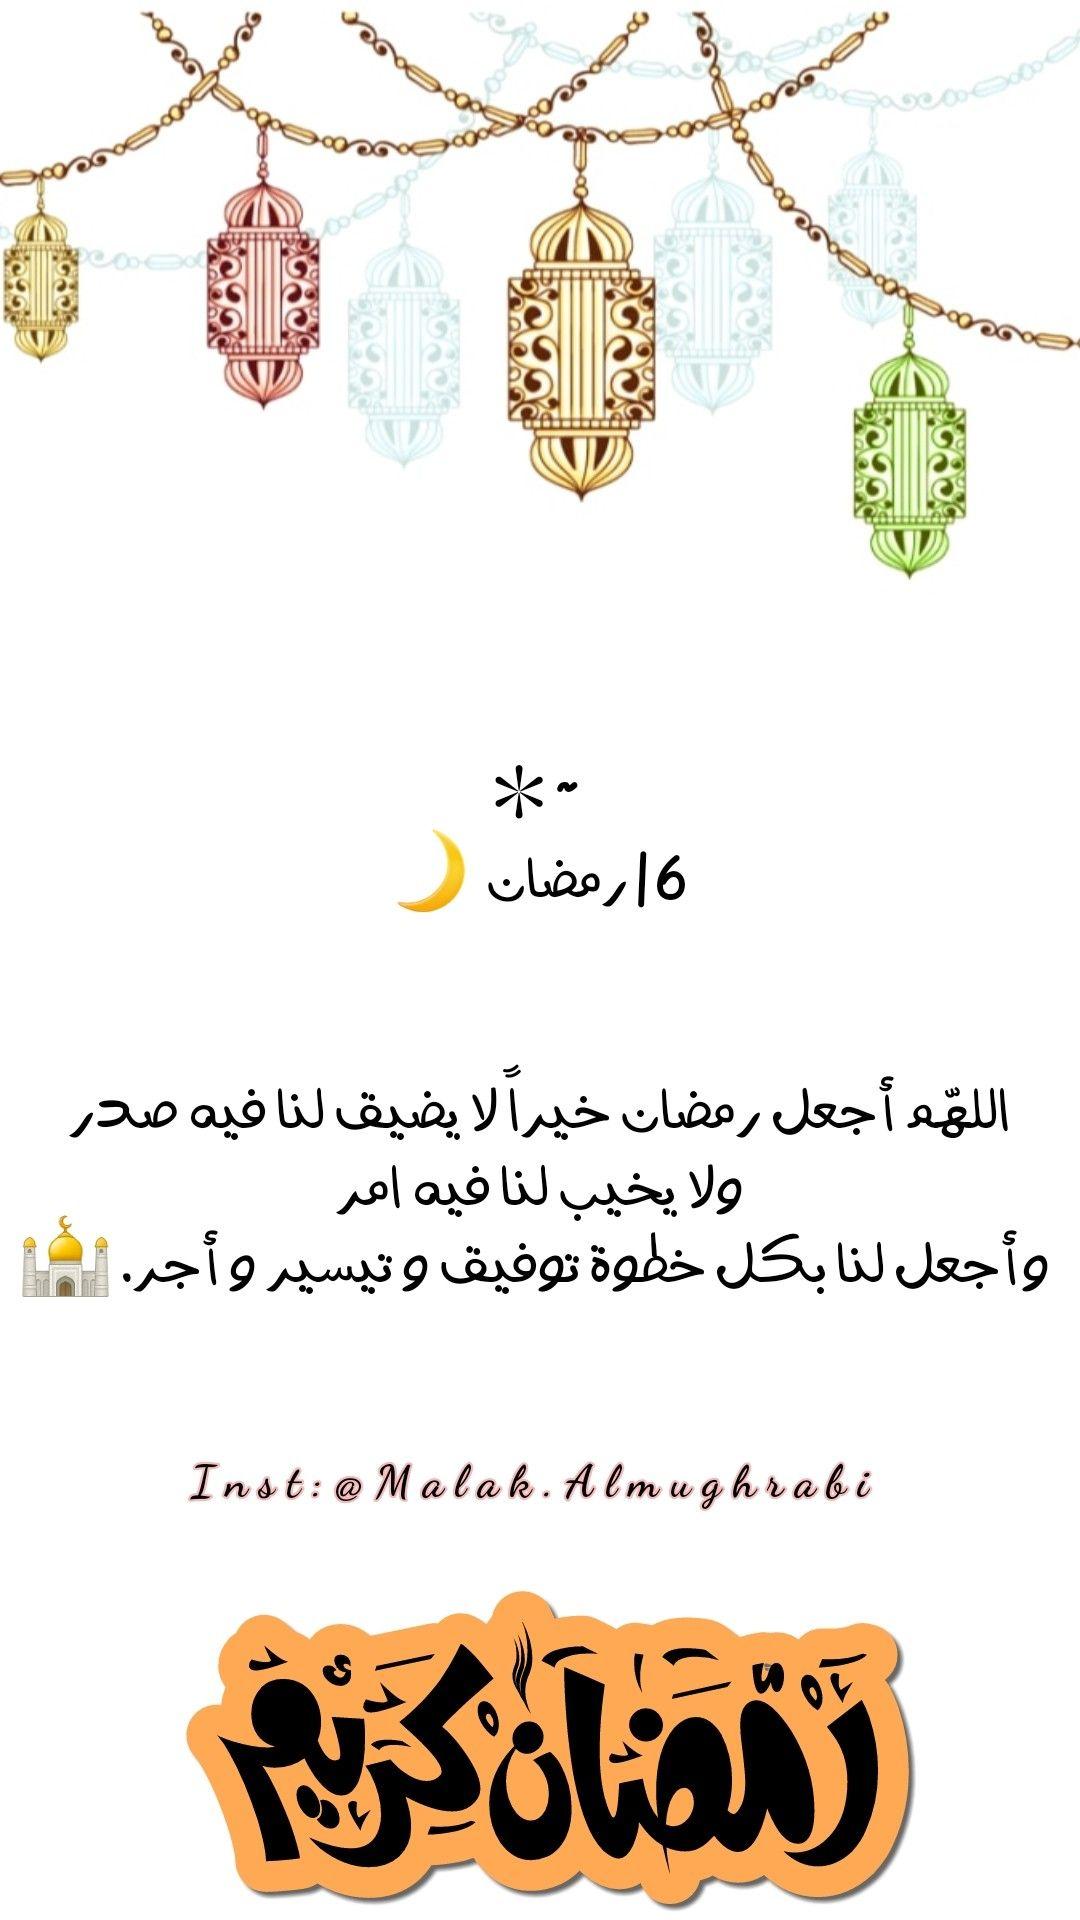 6 رمضان الله م أجعل رمضان خيرا لا يضيق لنا فيه صدر ولا يخيب لنا فيه امر وأجعل لنا بكل خطوة توفيق و تيسير و Ramadan Crafts Ramadan Cute Girl Drawing